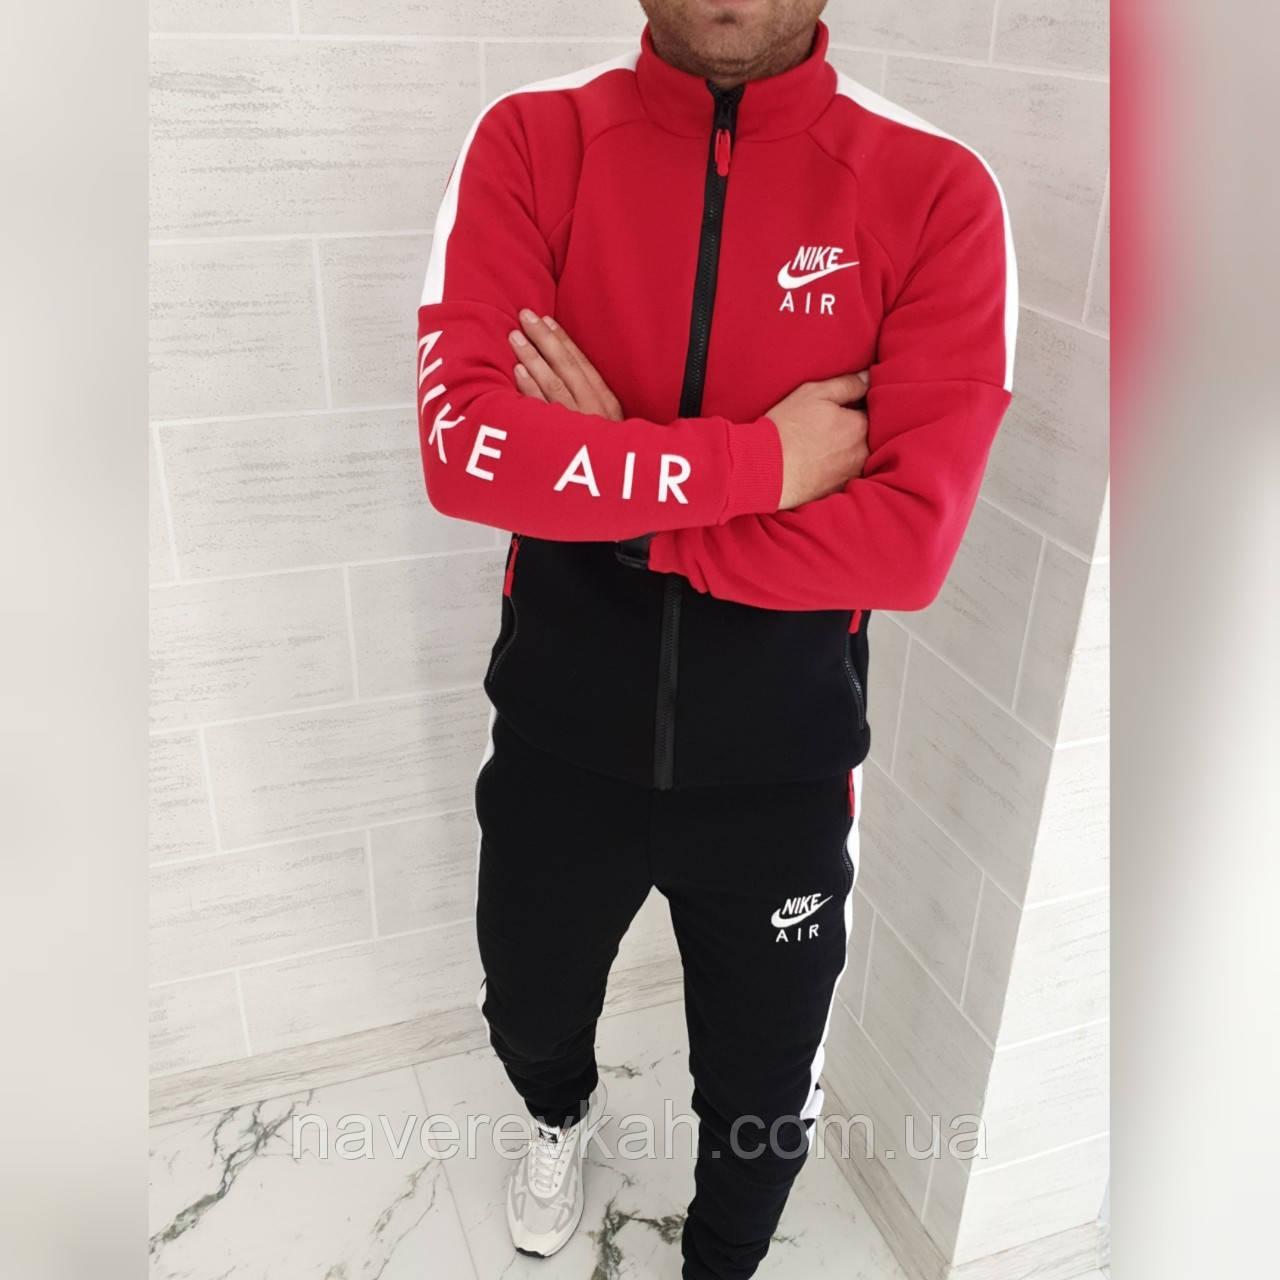 Мужской зимний теплый спортивный костюм трехнитка красный черный с м л хл ххл